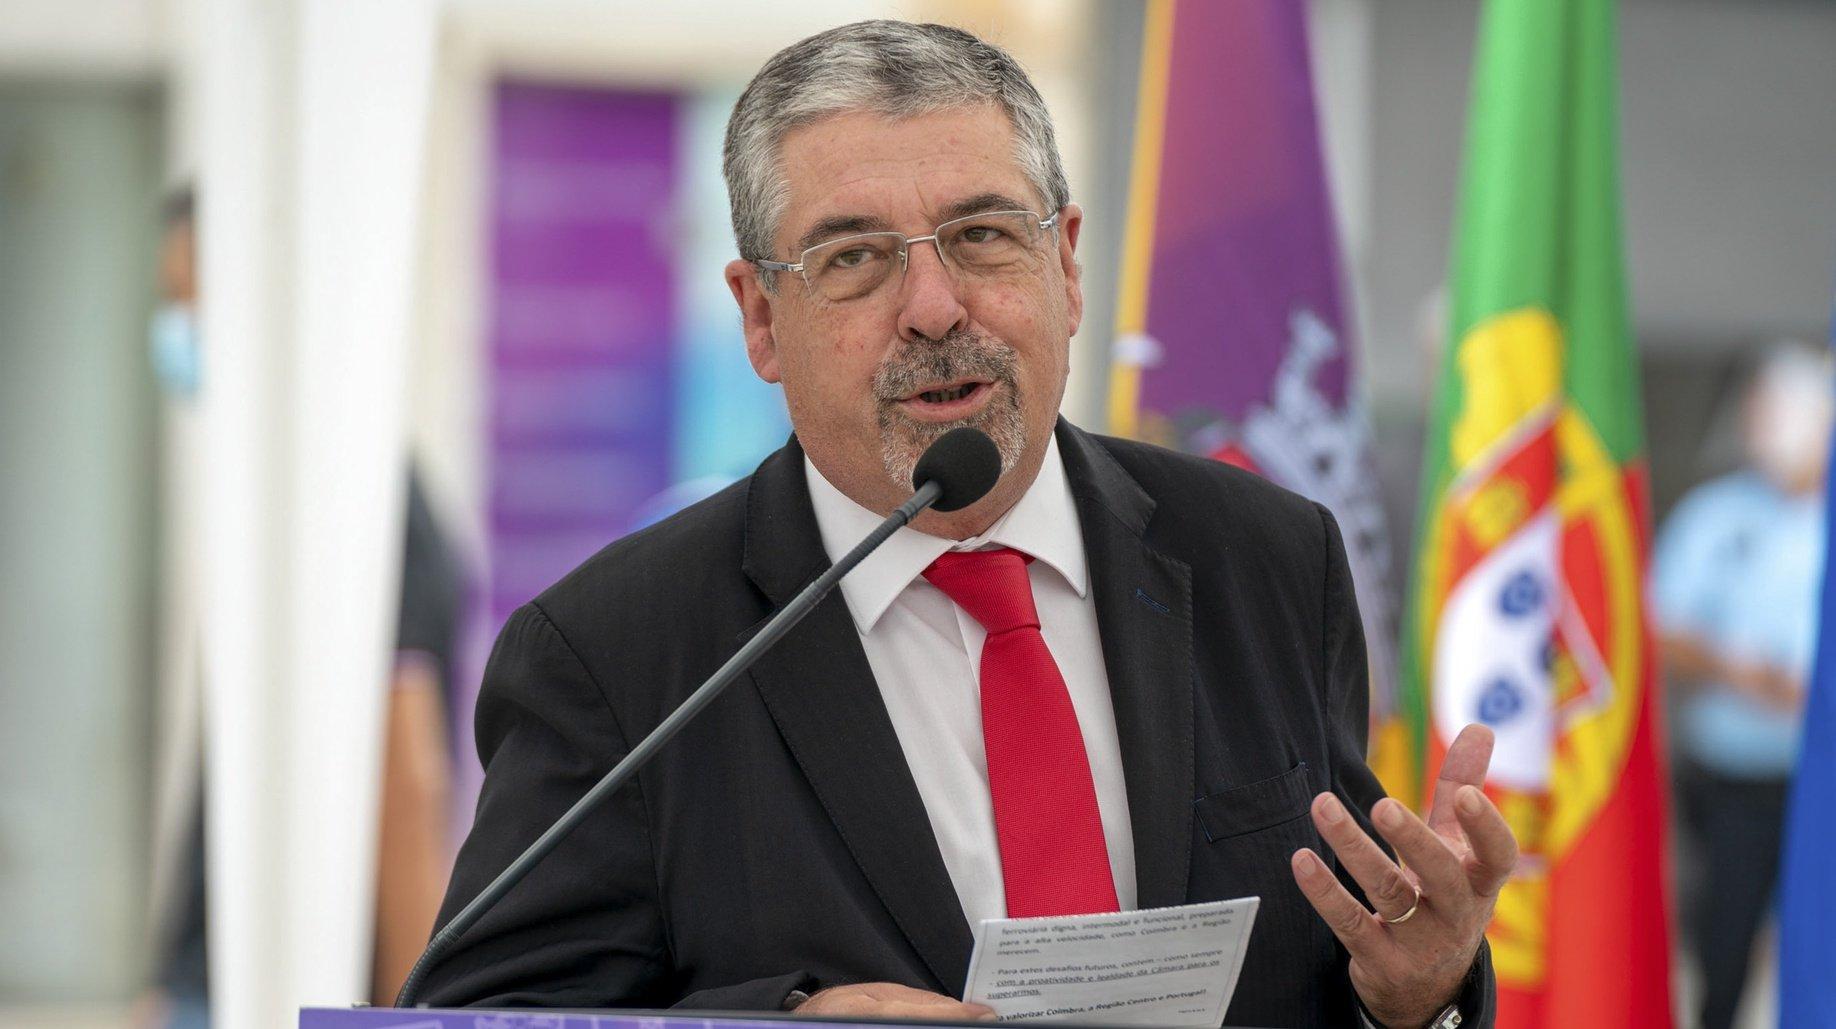 O presidente da Câmara Municipal de Coimbra, Manuel Machado, intervém durante a cerimónia de assinatura do auto de consignação da empreitada de abertura do canal do Metrobus do Mondego, em Coimbra, 11 de setembro de 2020. SÉRGIO AZENHA/LUSA